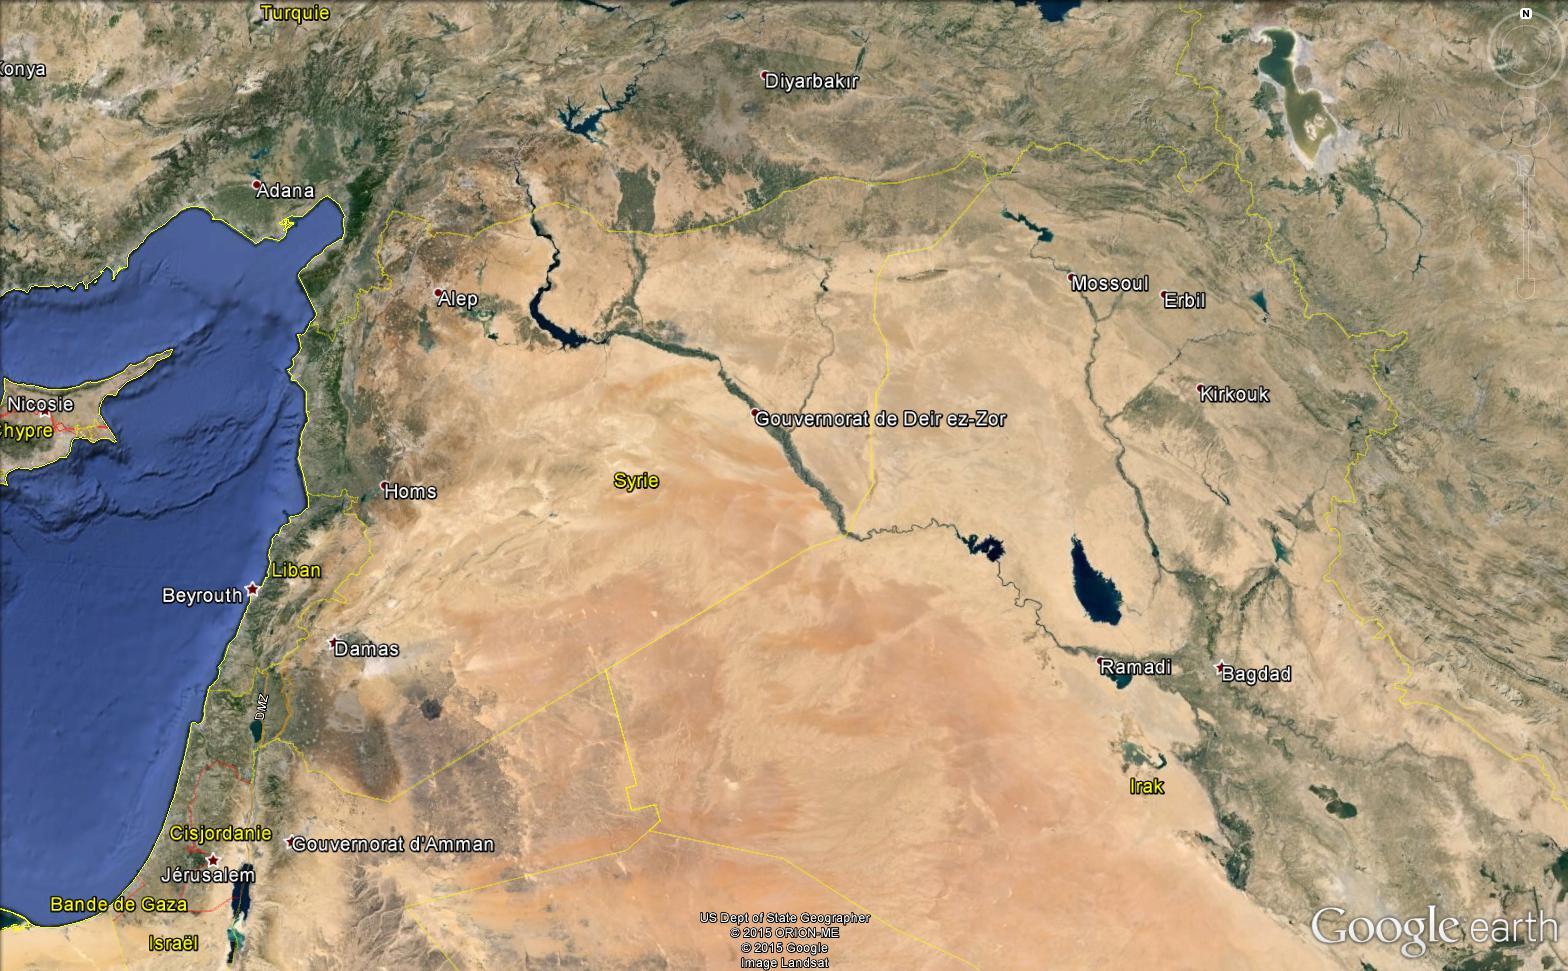 SYRIE : après 4 ans de guerre, un pays plongé dans l'obscurité Syrie_10